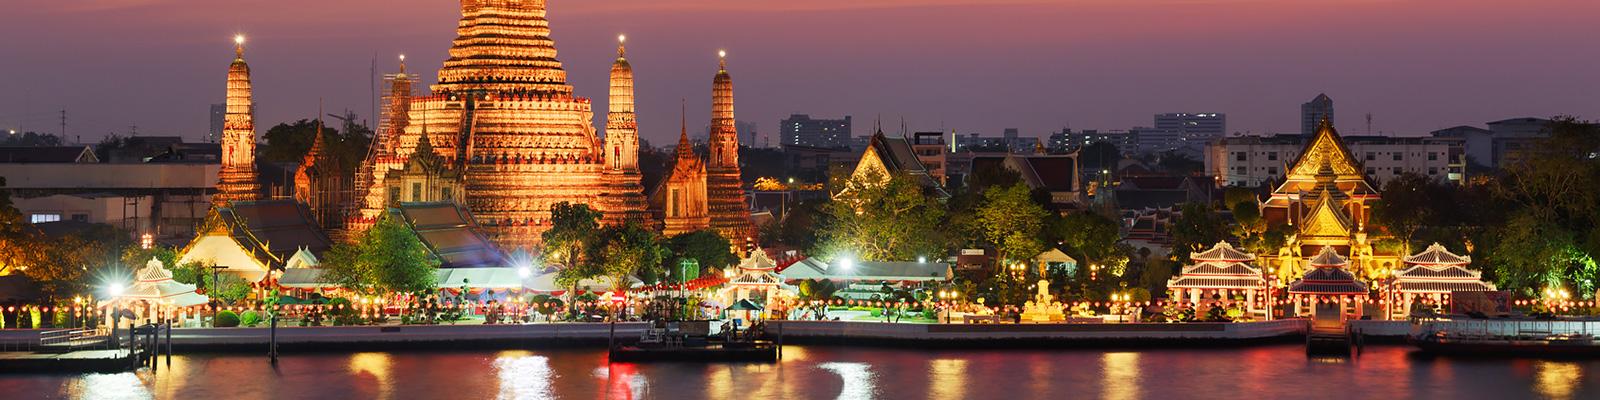 タイ バンコク イメージ